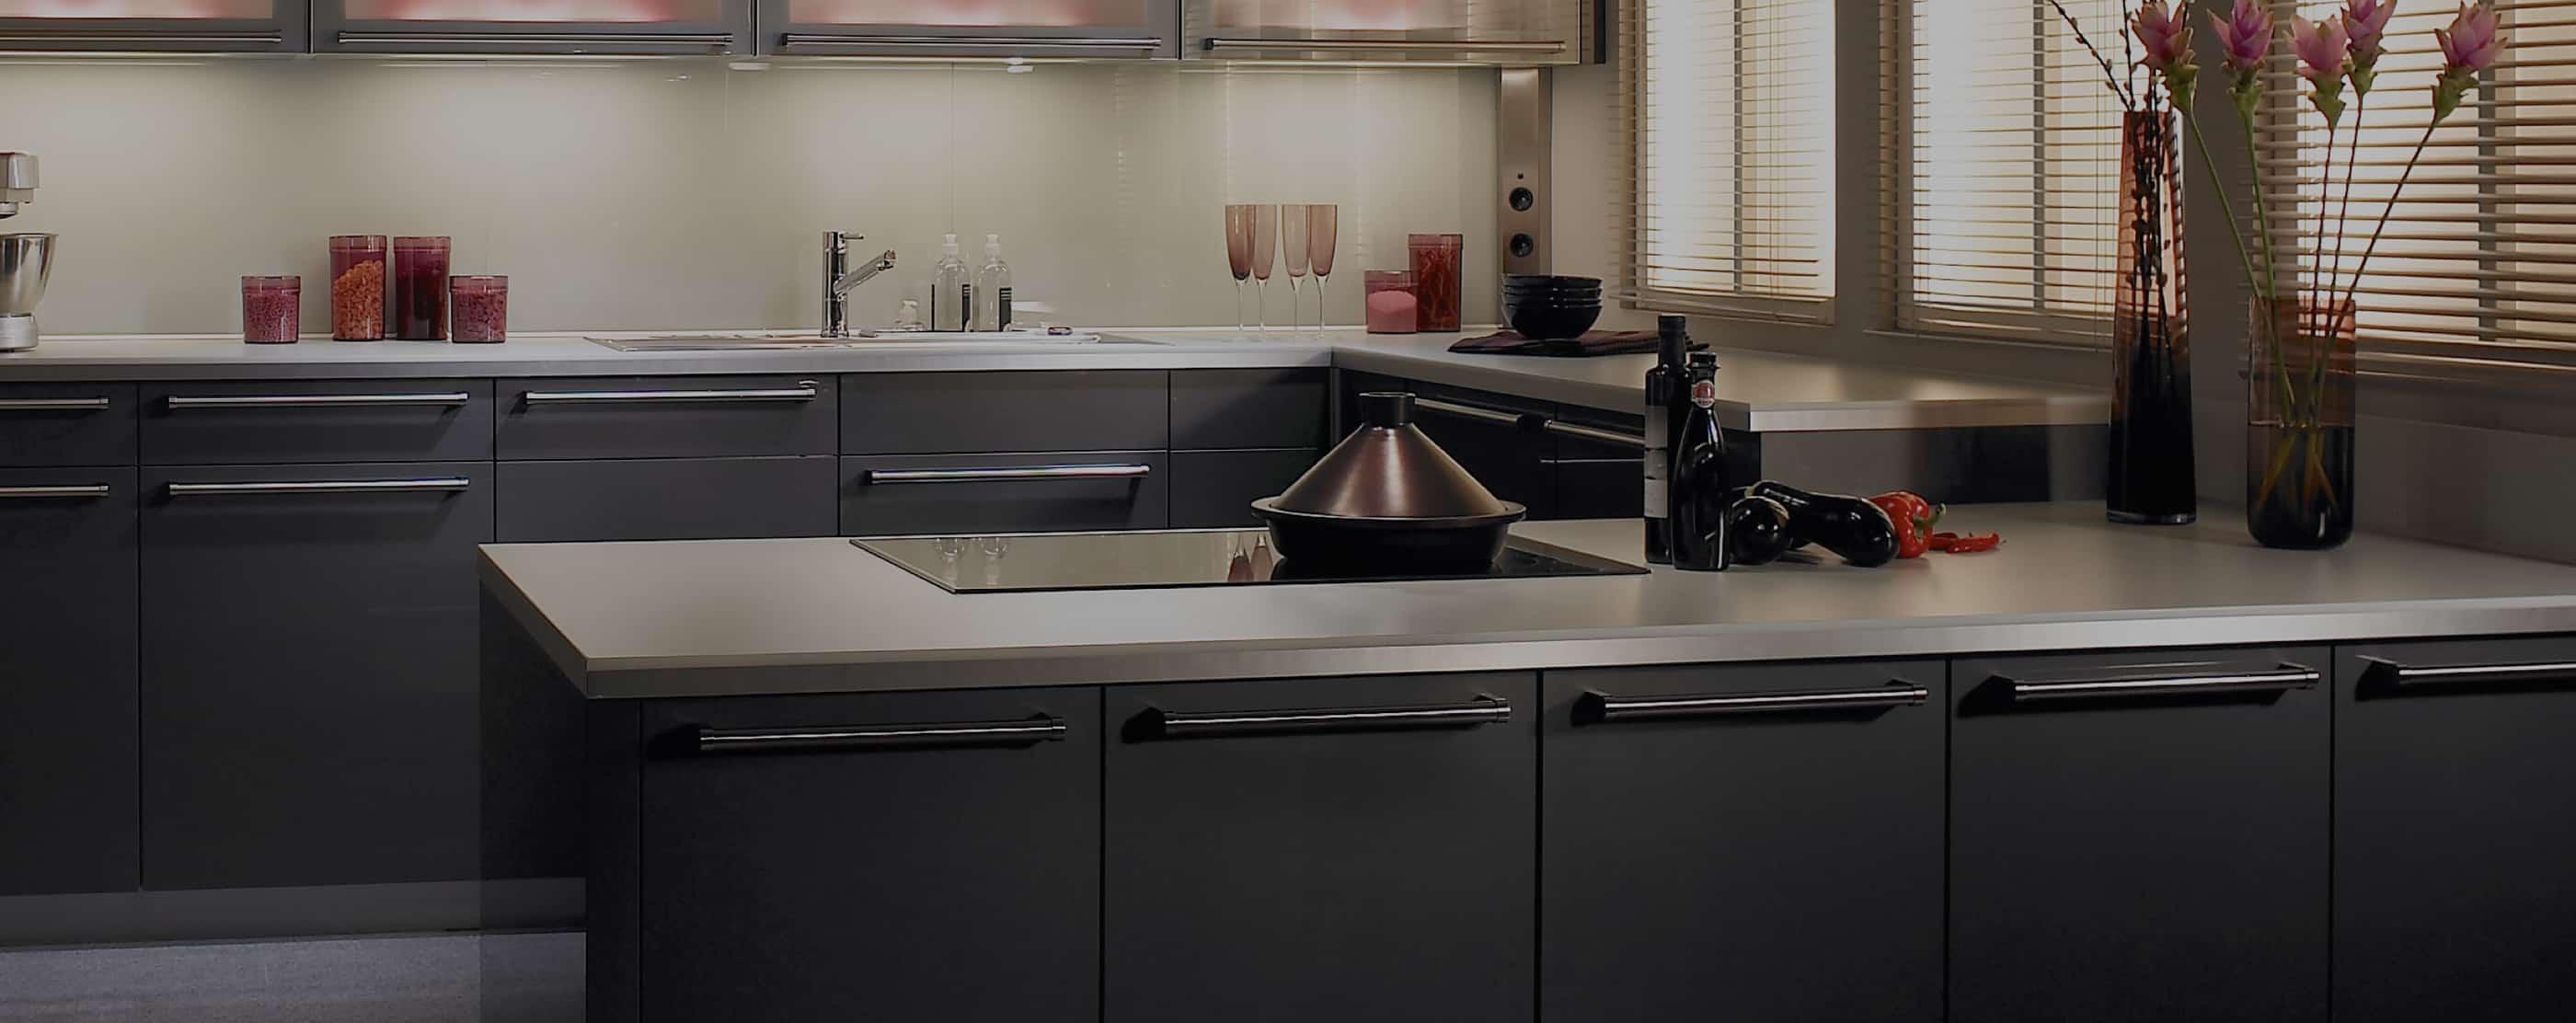 Hotte Sortant Du Plan De Travail comment choisir la meilleure plaque de cuisson